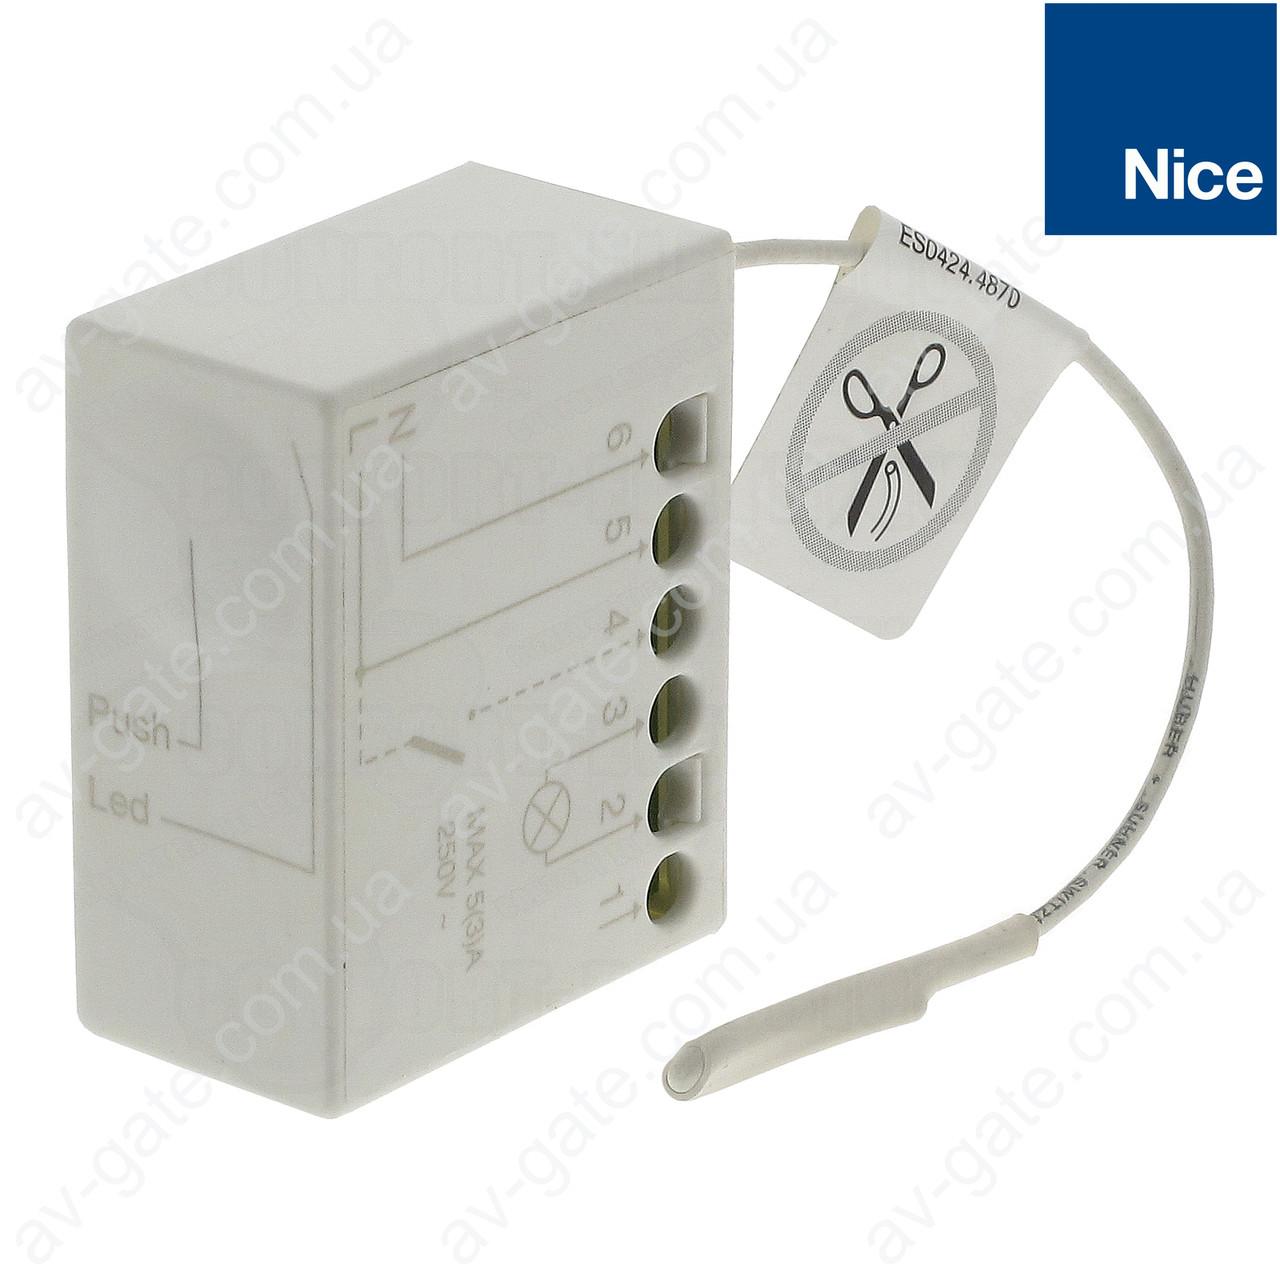 Исполнительное устройство TT2L Nice